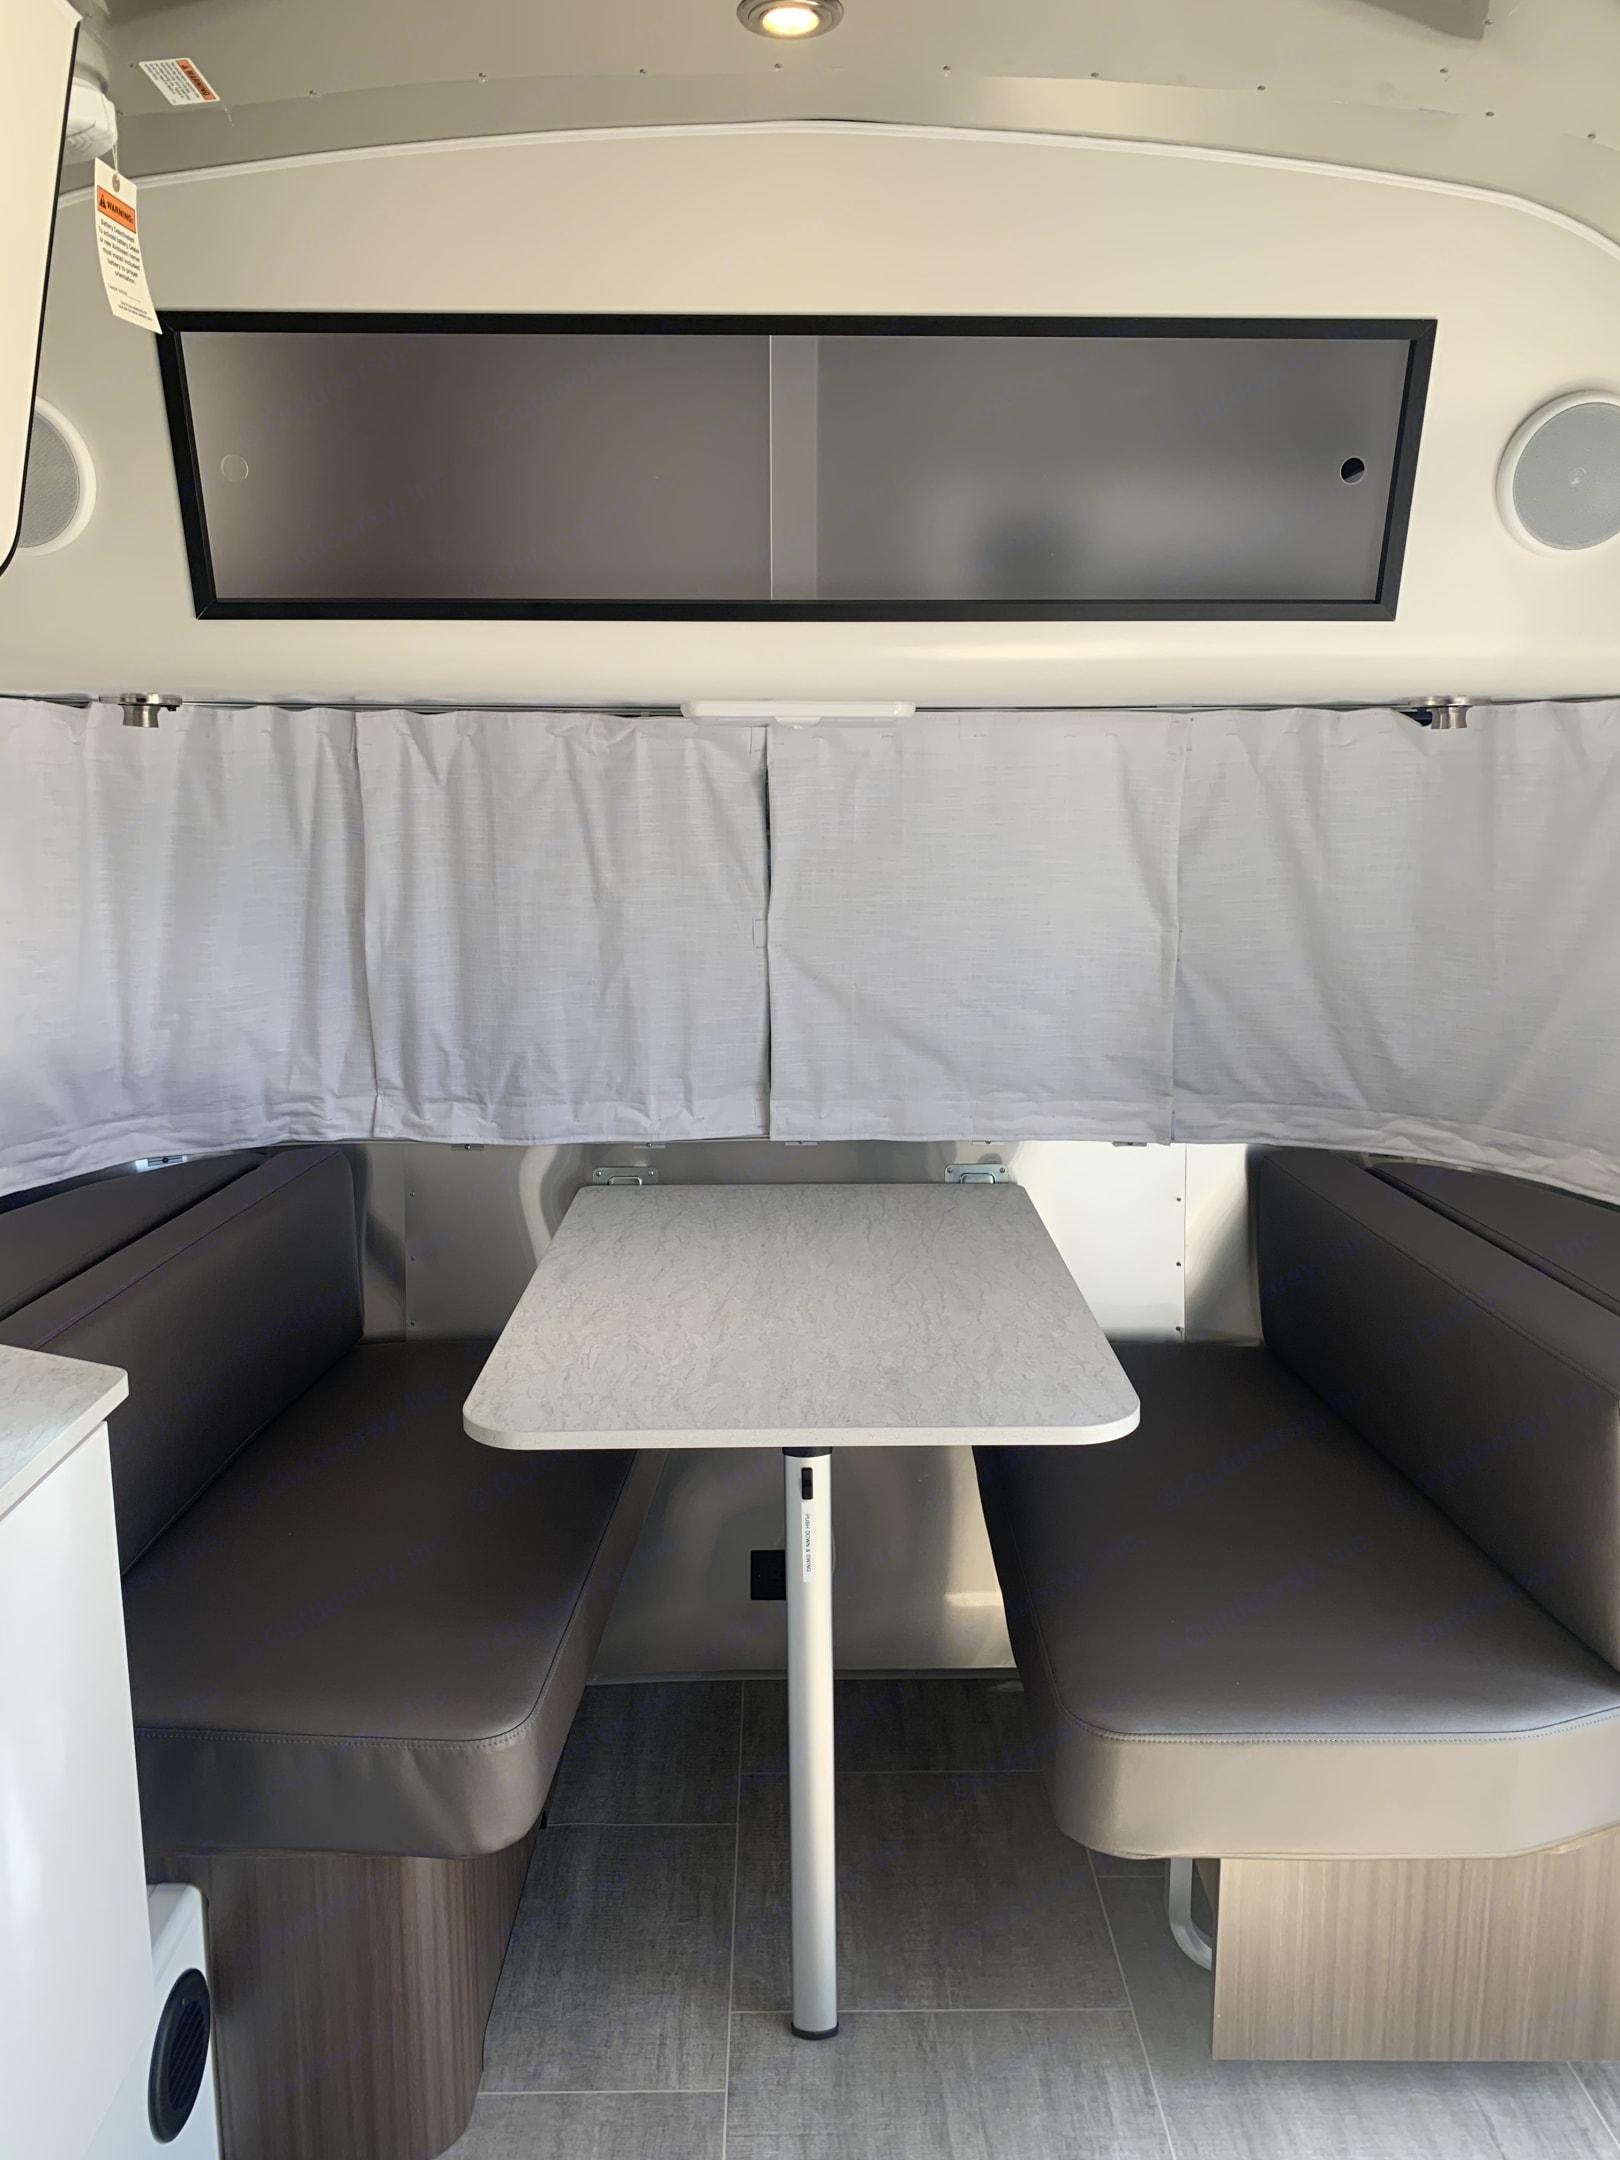 Airstream 19' Caravel 2020